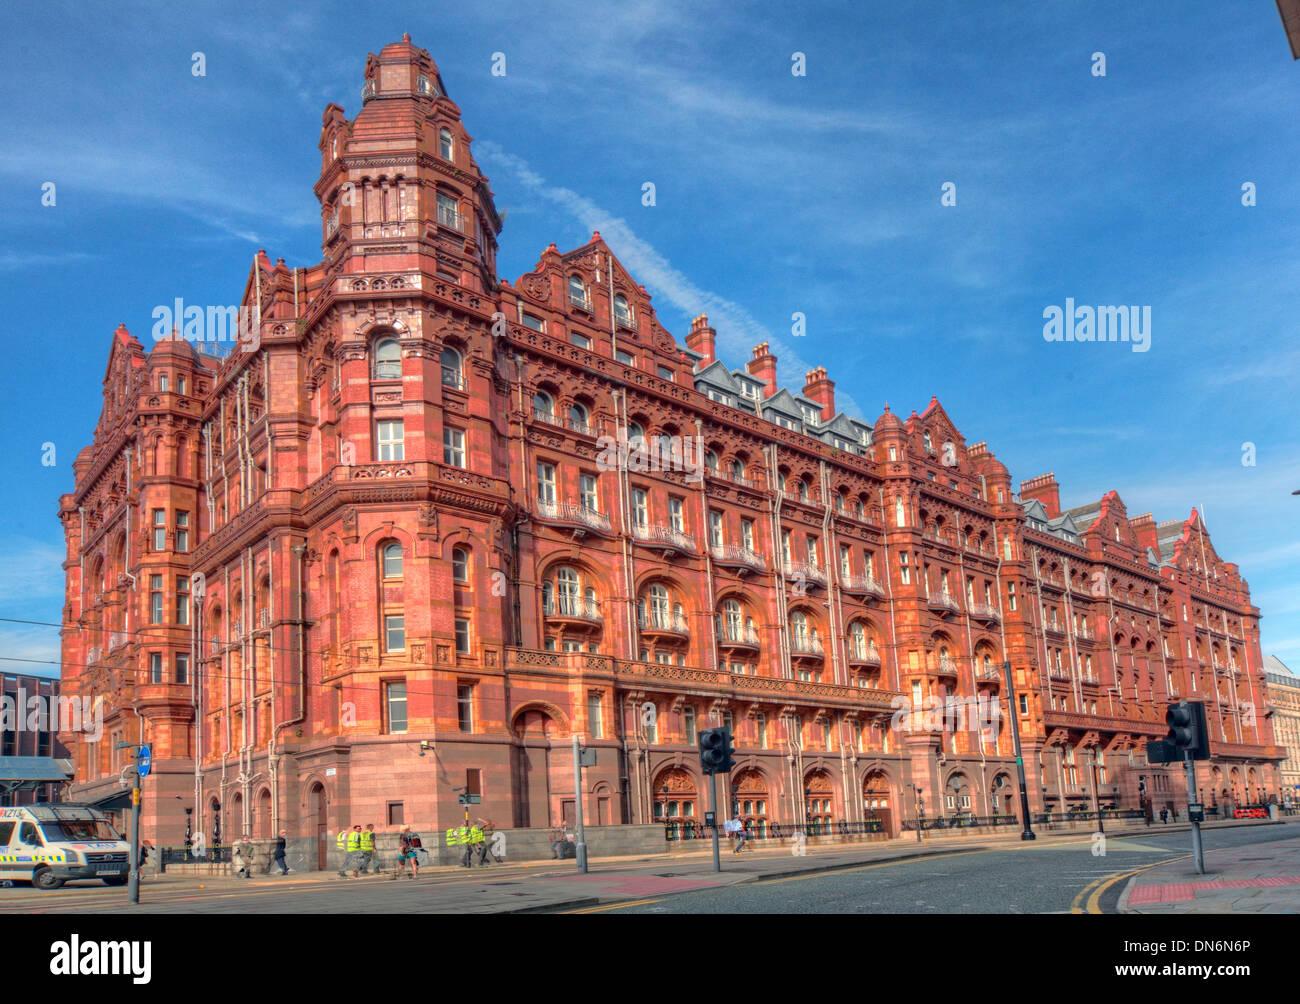 Midland Hotel Manchester, Summer, England, UK - Stock Image